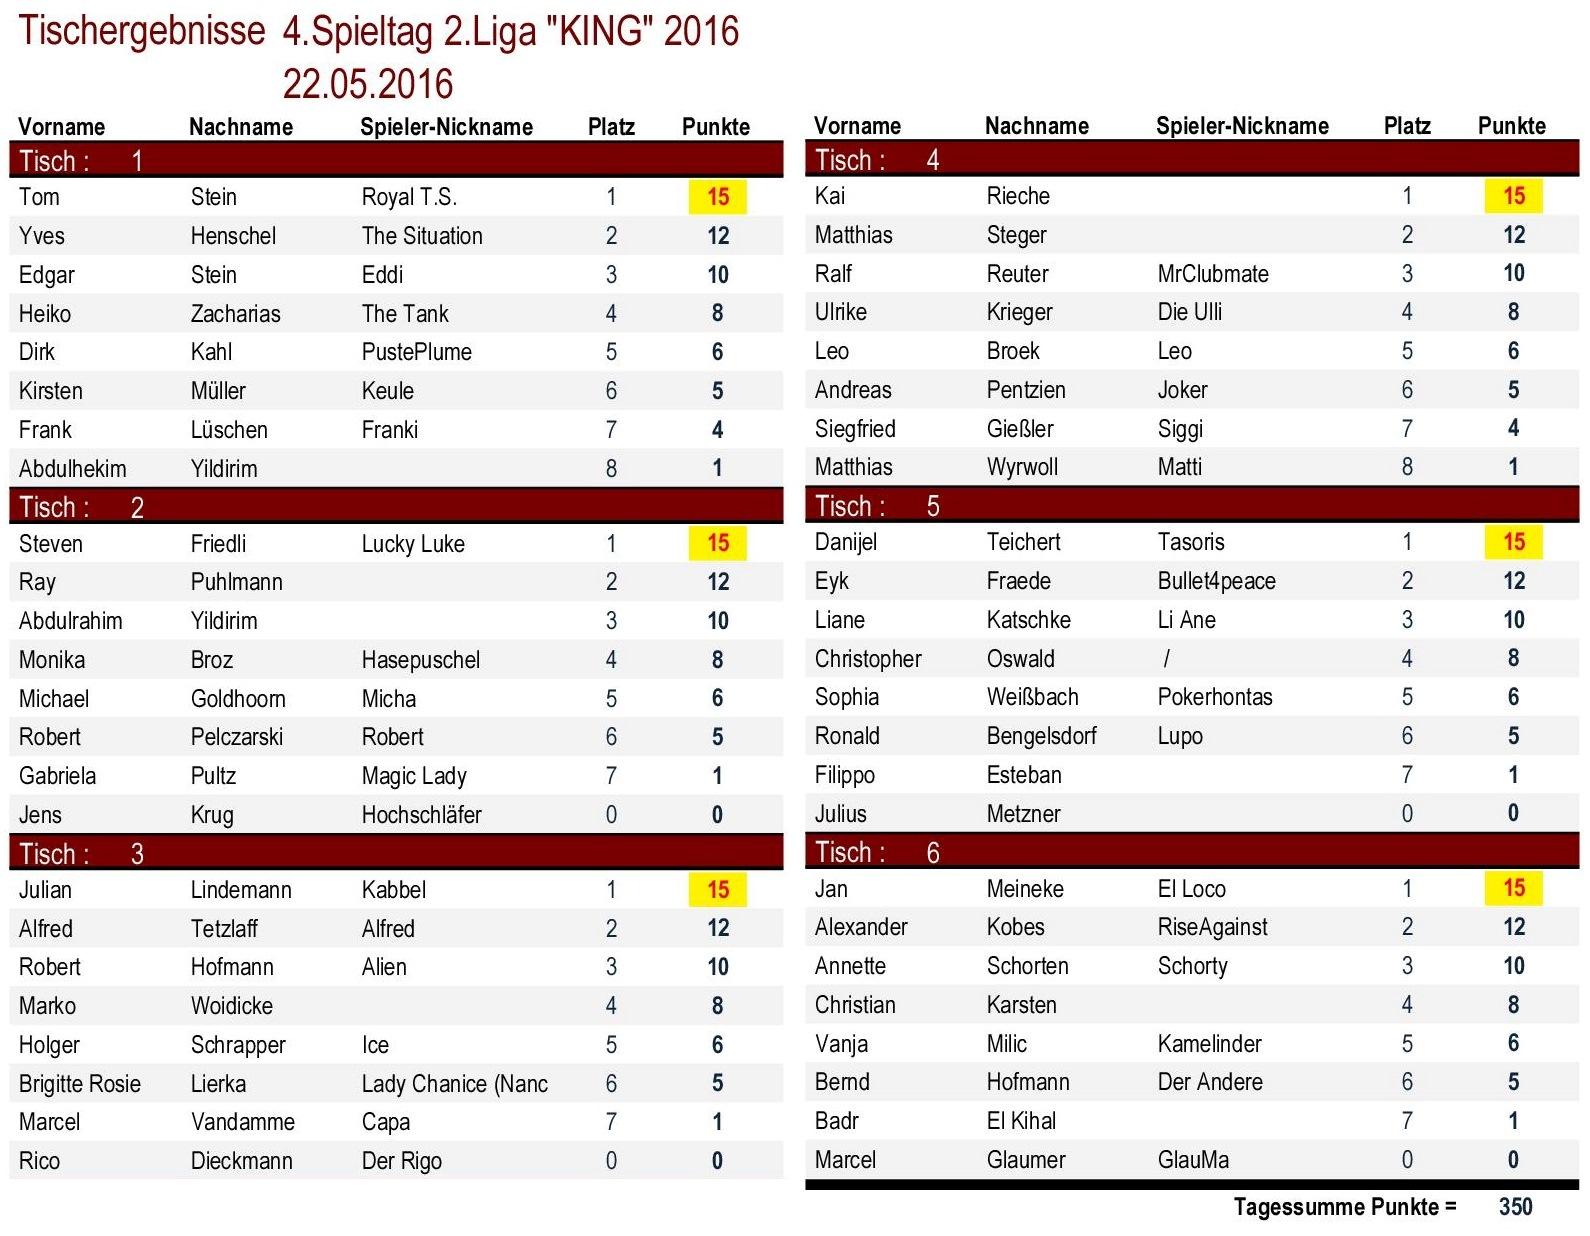 Tischergebnisse 2.Liga `KING` 4.Spieltag 2016